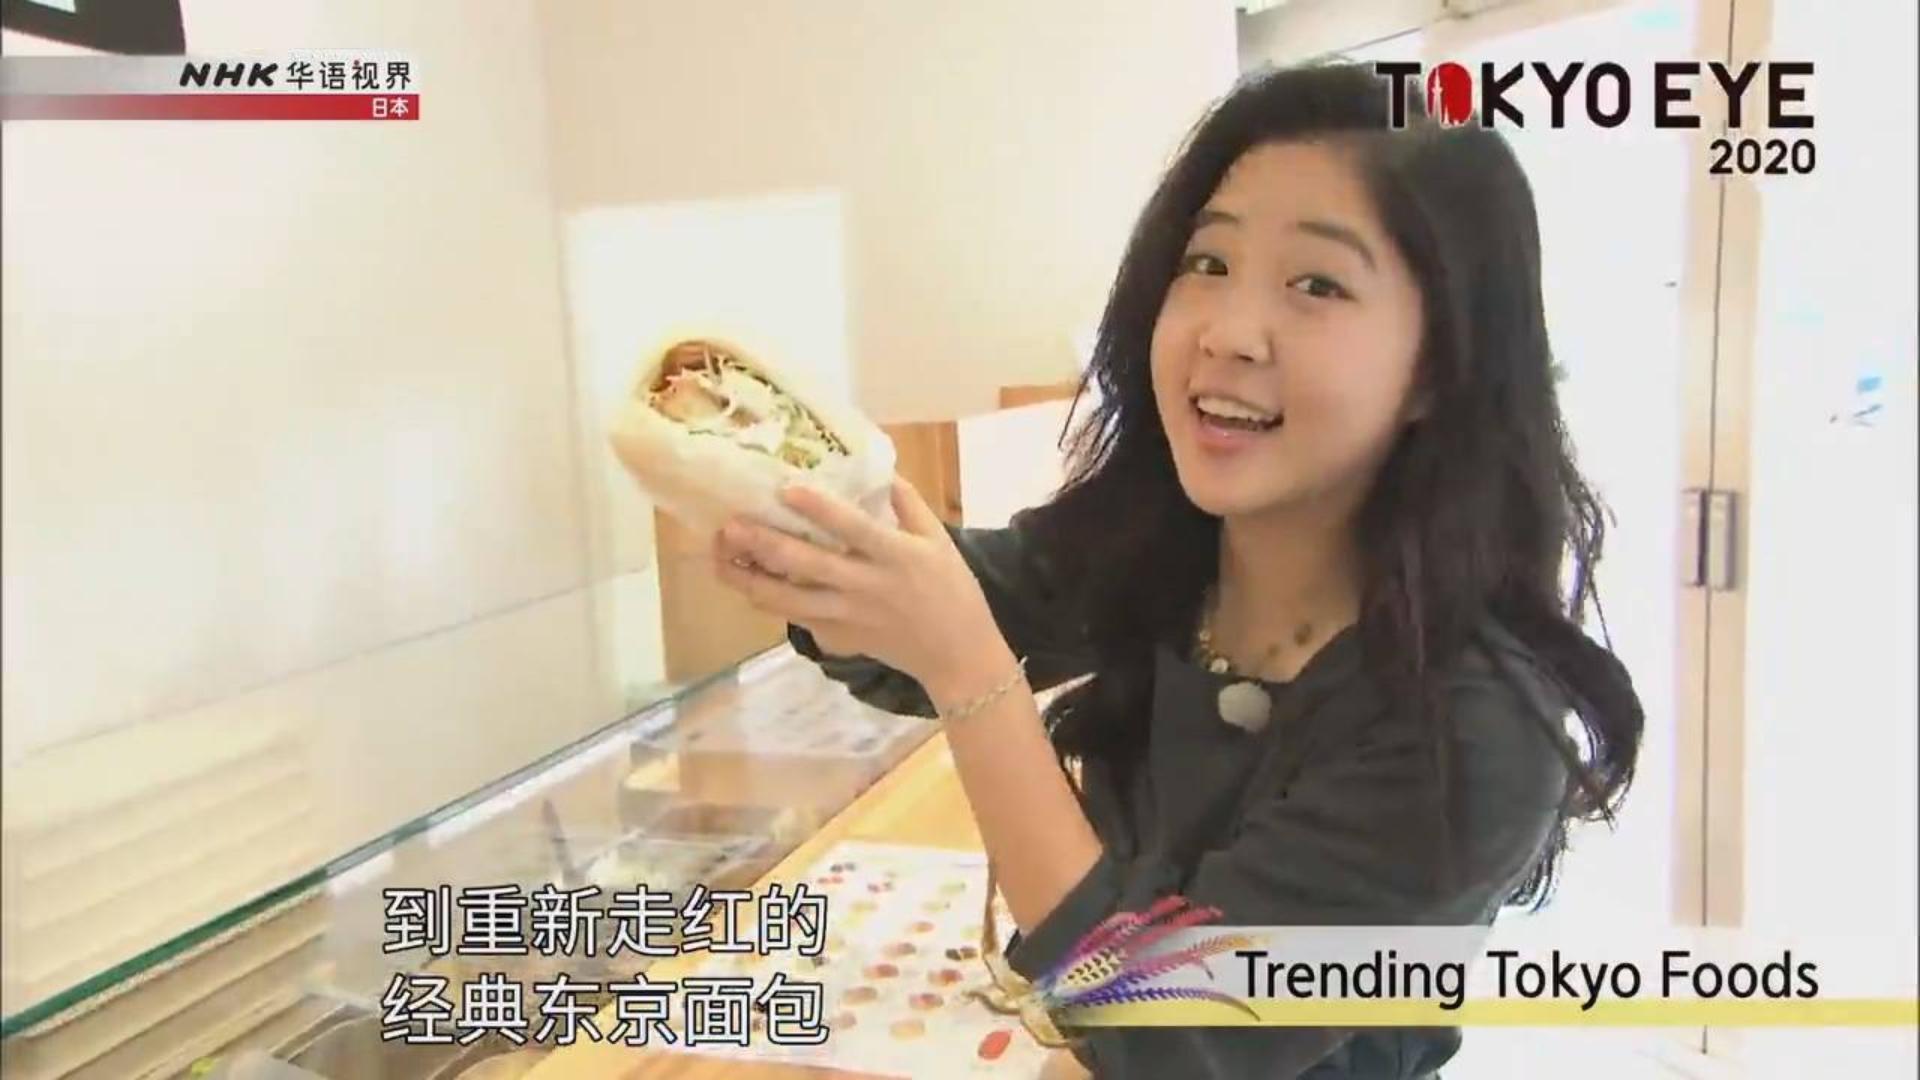 纪录片.NHK.东京视角2020.东京的时尚美食[片头]